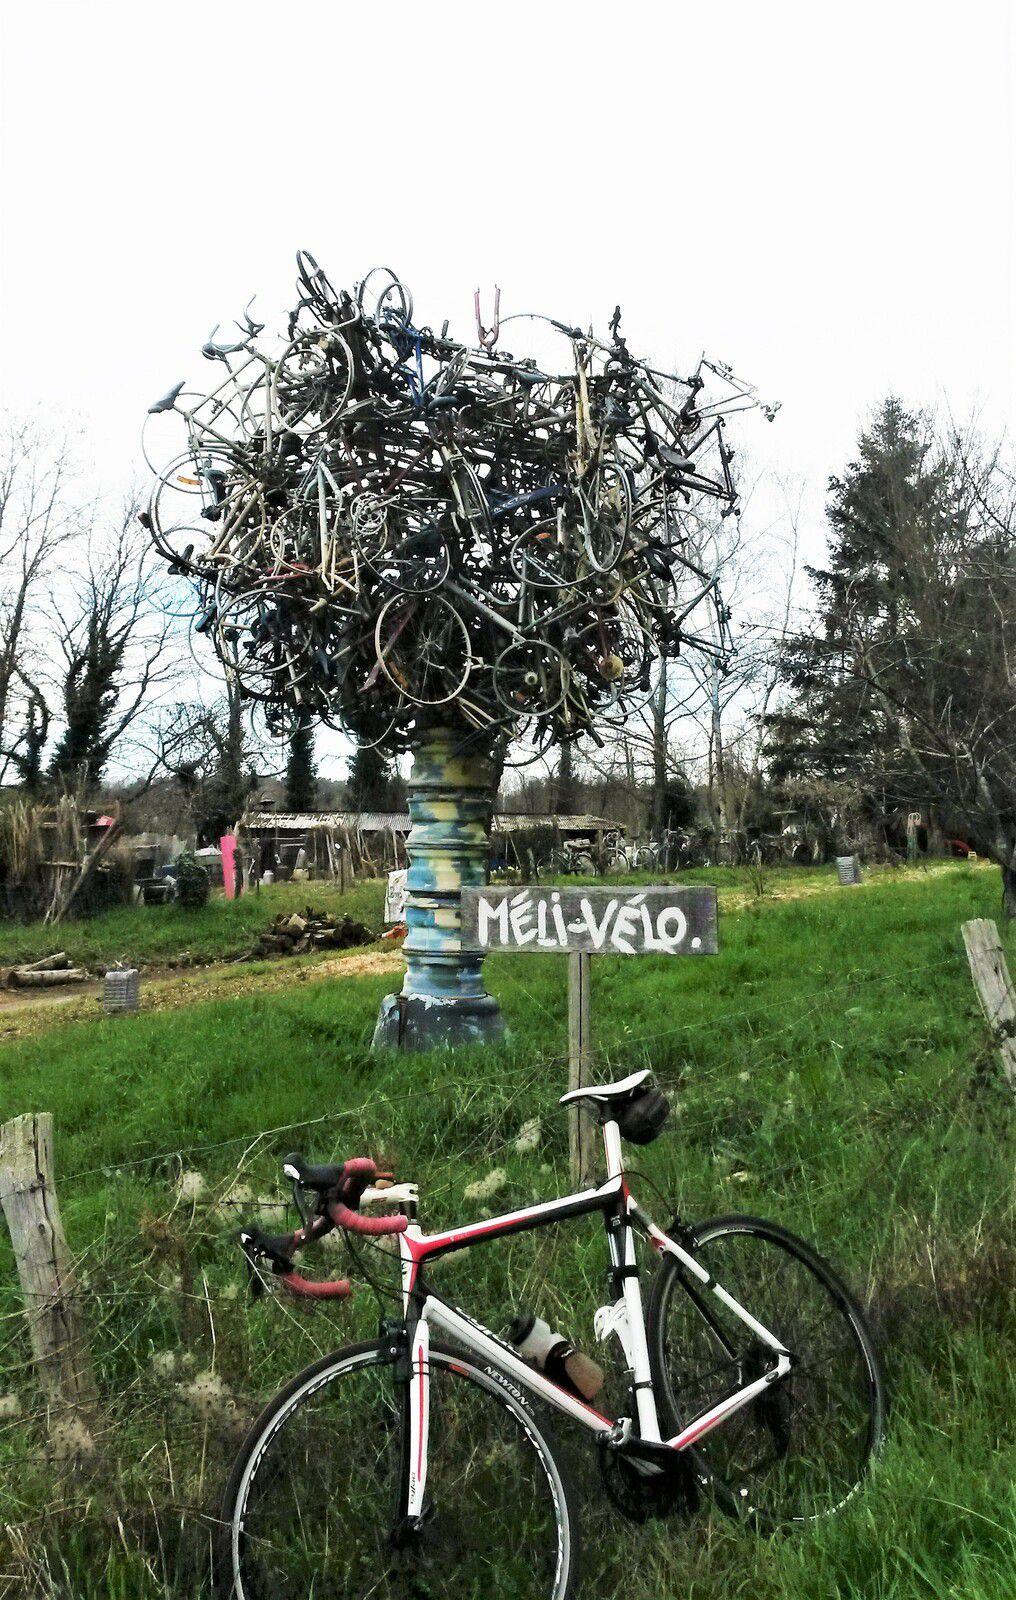 2021 Bravo l'artiste pour cet arbre de vie ( Méli-vélo ) ! Le vélo, au premier plan terminerait très joliment l'oeuvre.